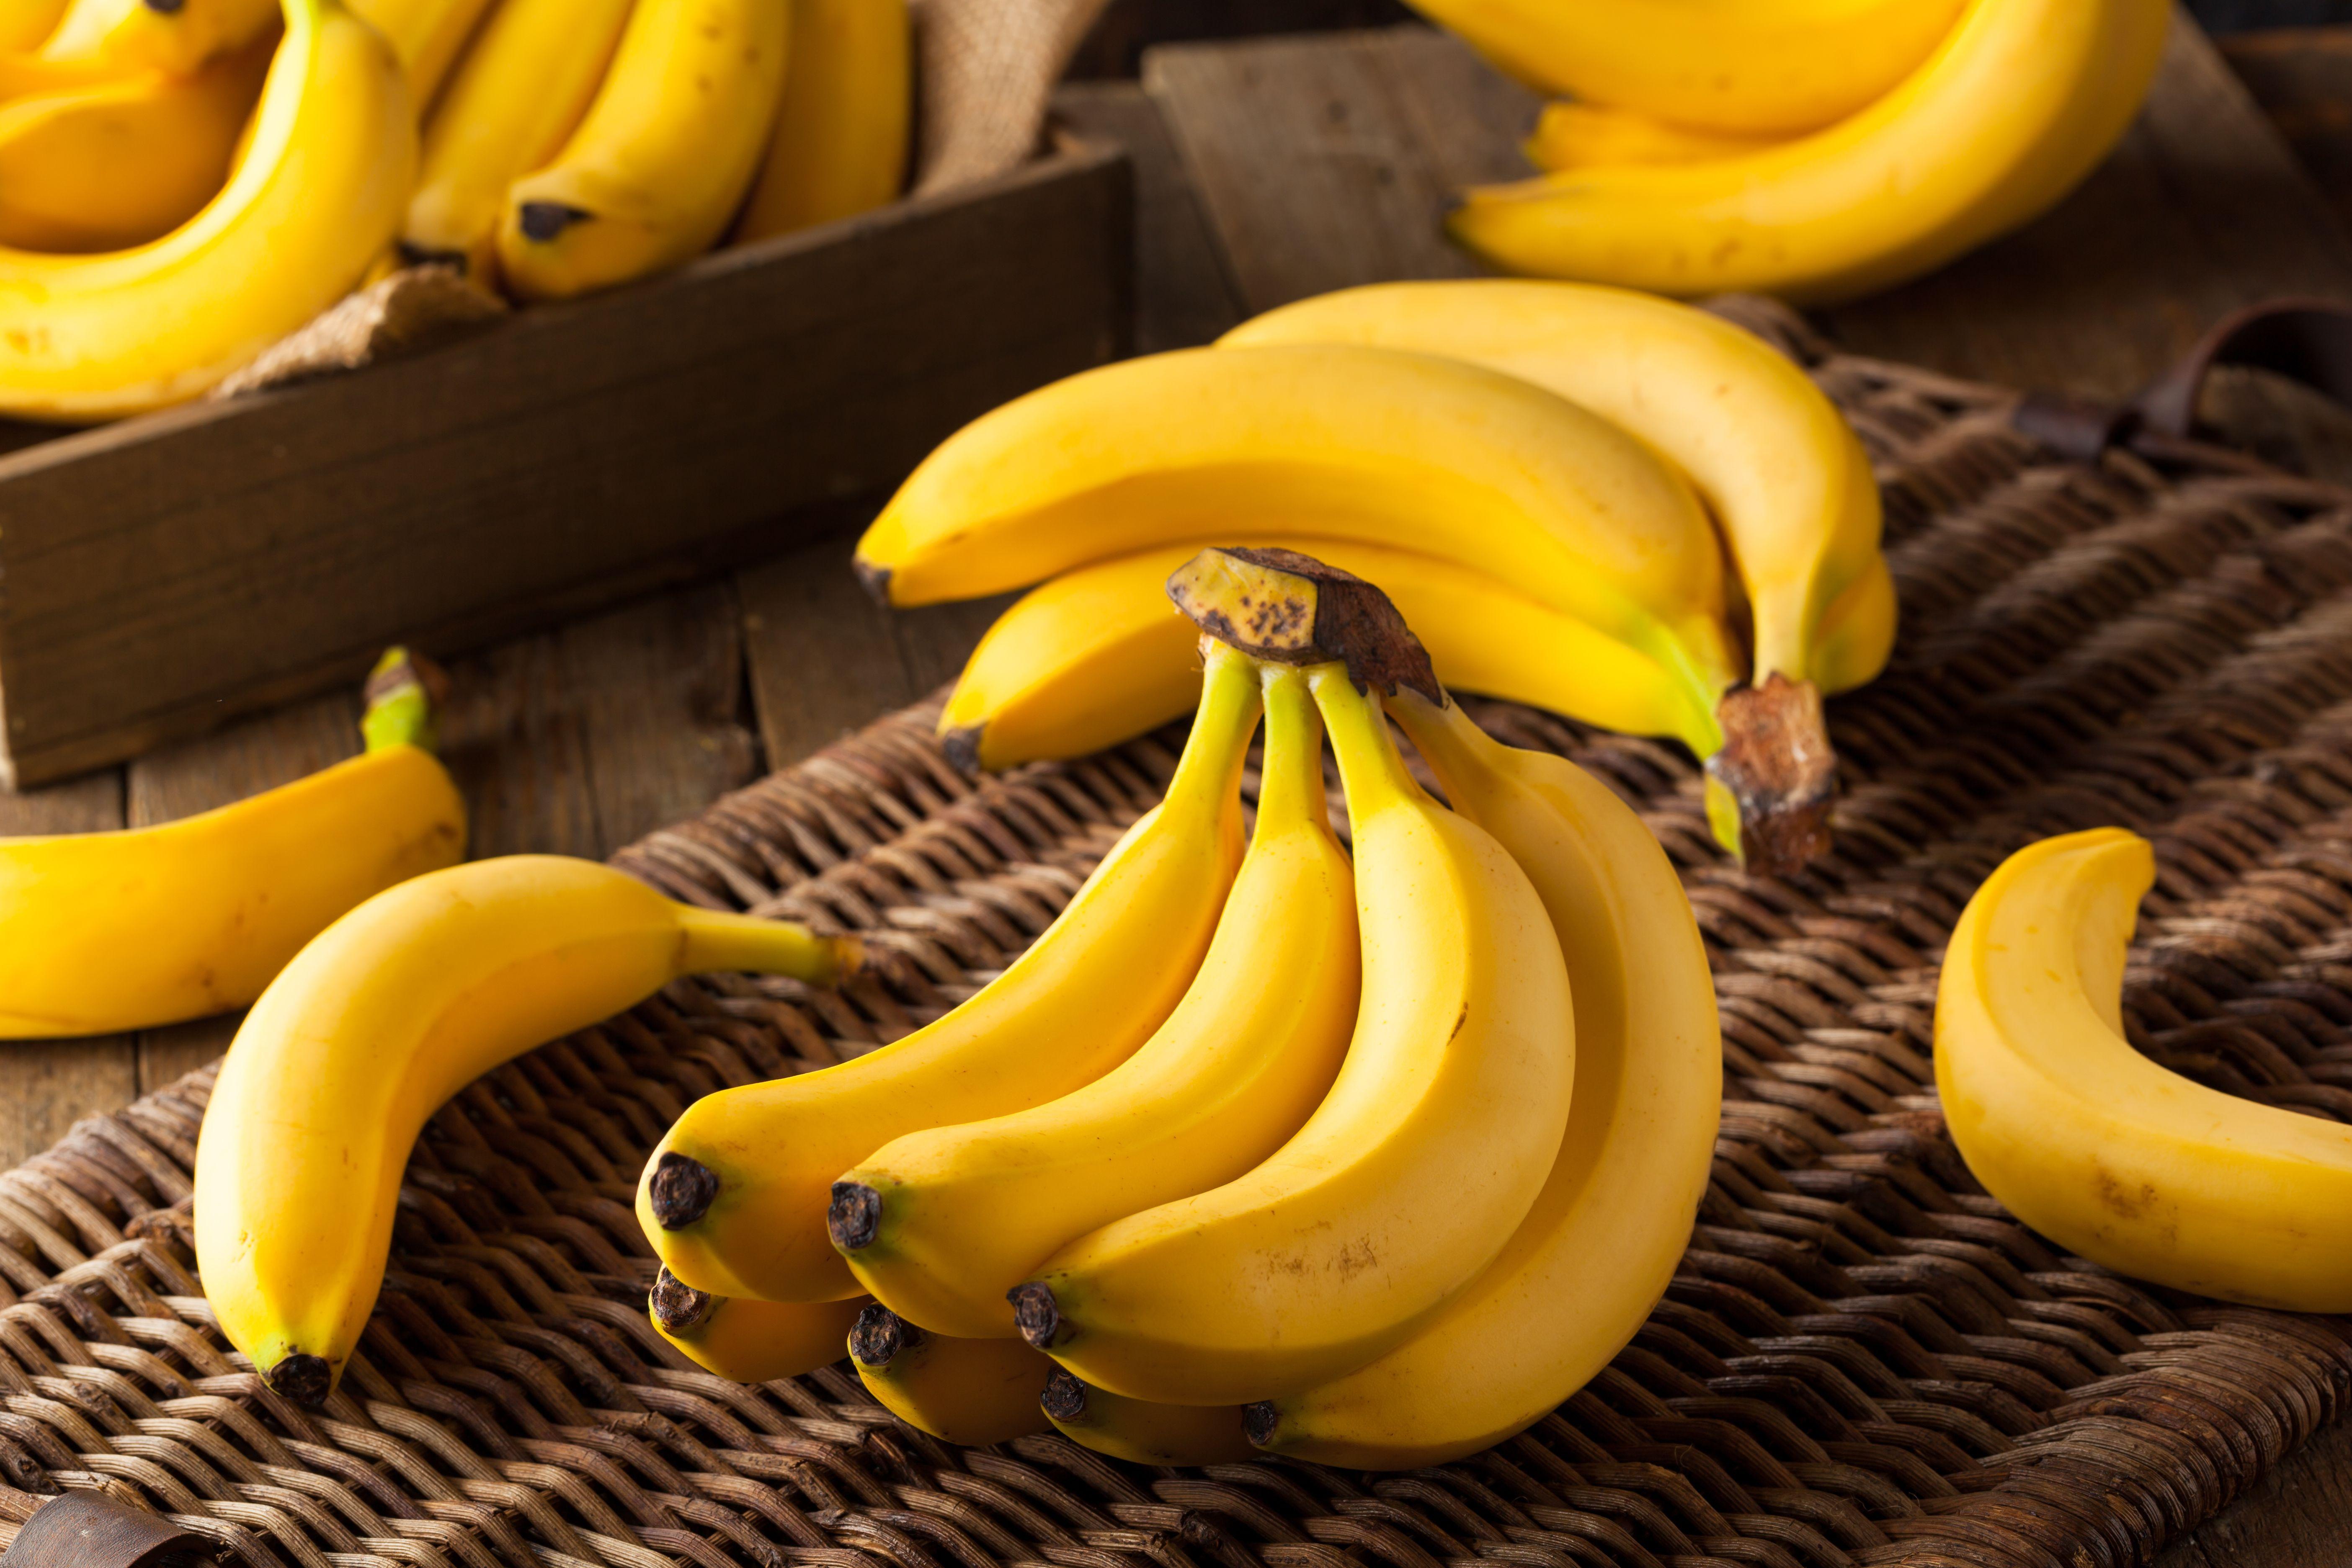 Banane, prebiotiki, prebiotiki v hrani, hrana, bogata s prebiotiki